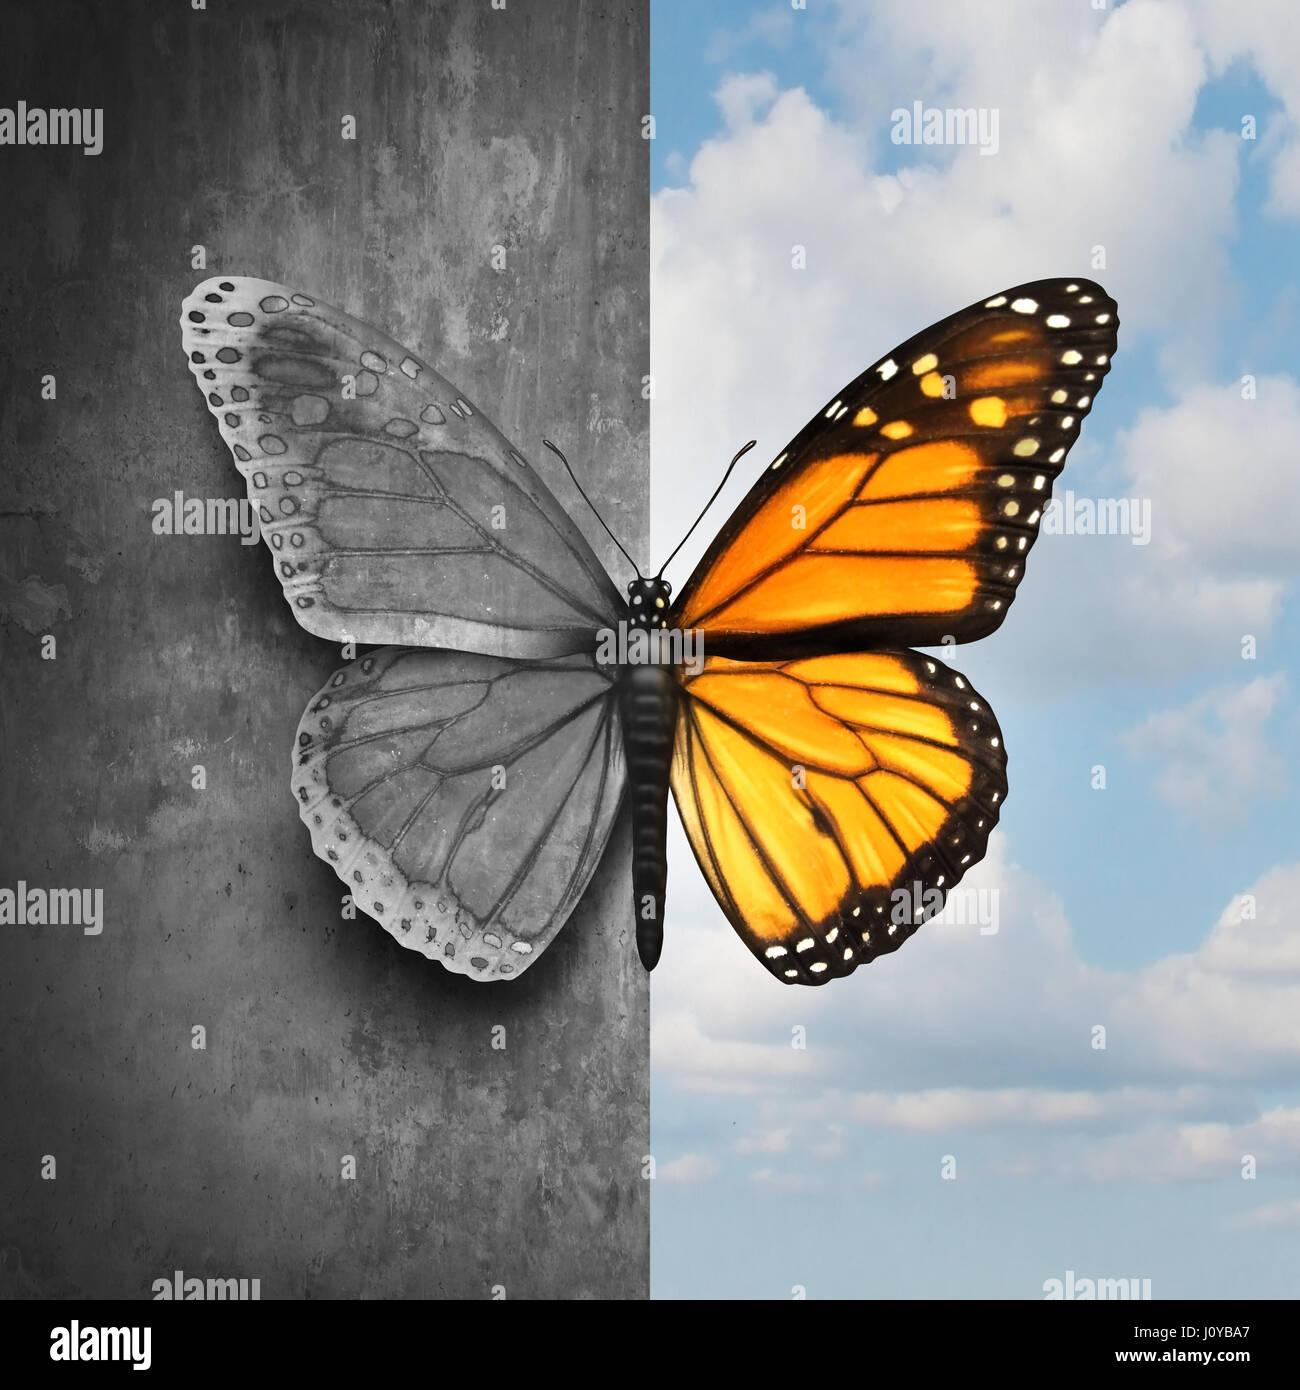 Trouble mental trouble bipolaire maladie psychologique concept abstrait comme un papillon divisée comme l'un Photo Stock